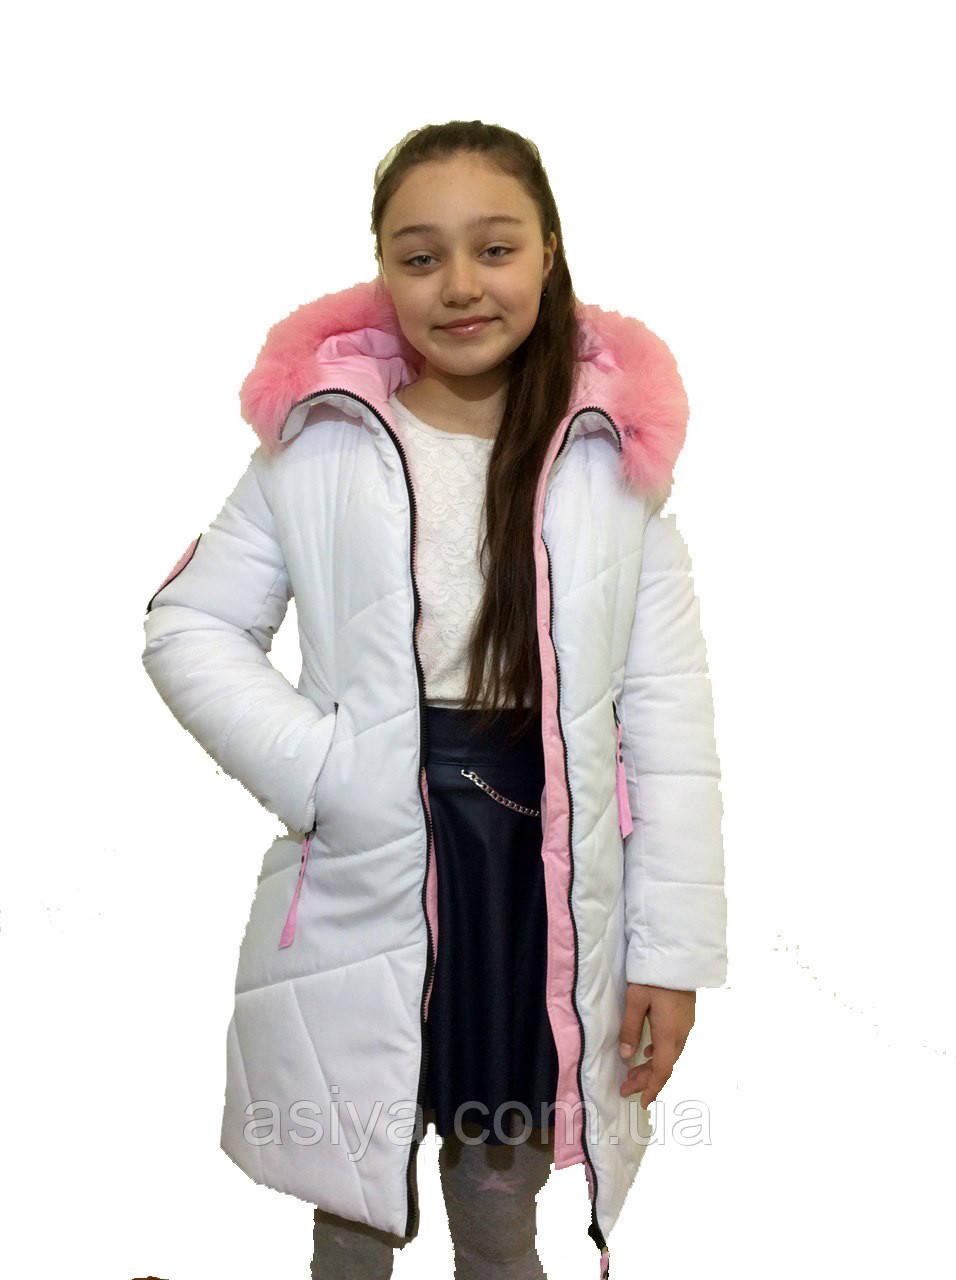 """Модное зимнее пальто для девочки """"Электра"""" белого цвета оптом и в розницу"""